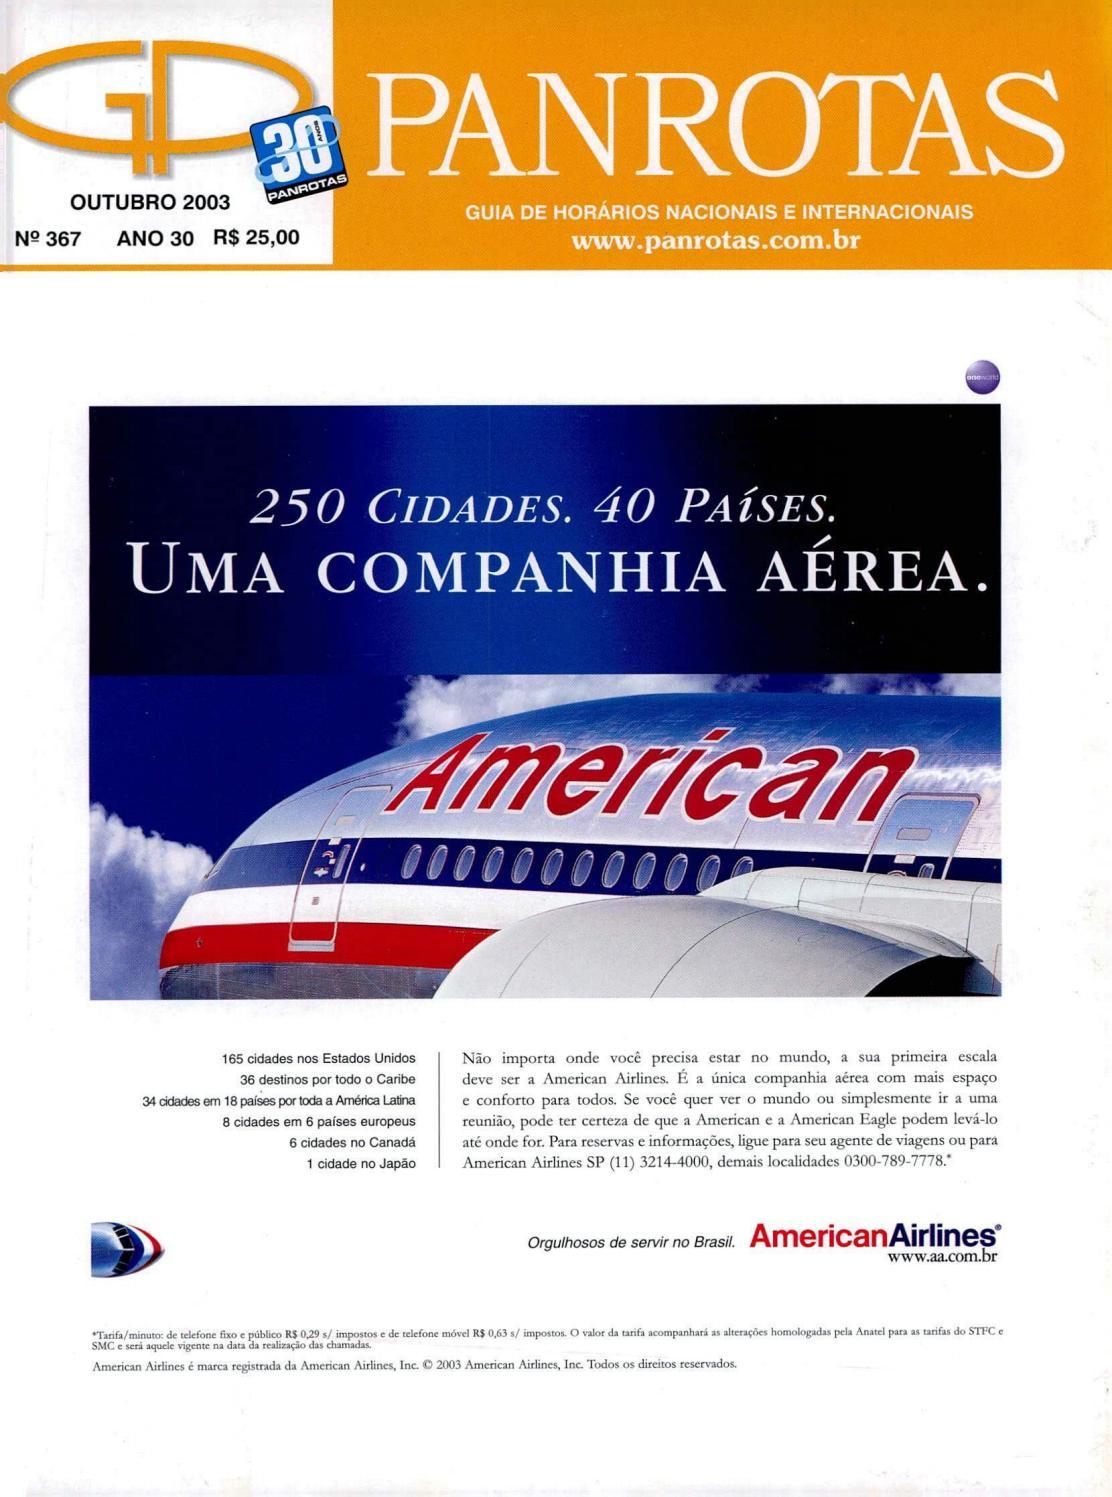 351a7b33648 Guia PANROTAS - Edição 367 - Outubro 2003 by PANROTAS Editora - issuu